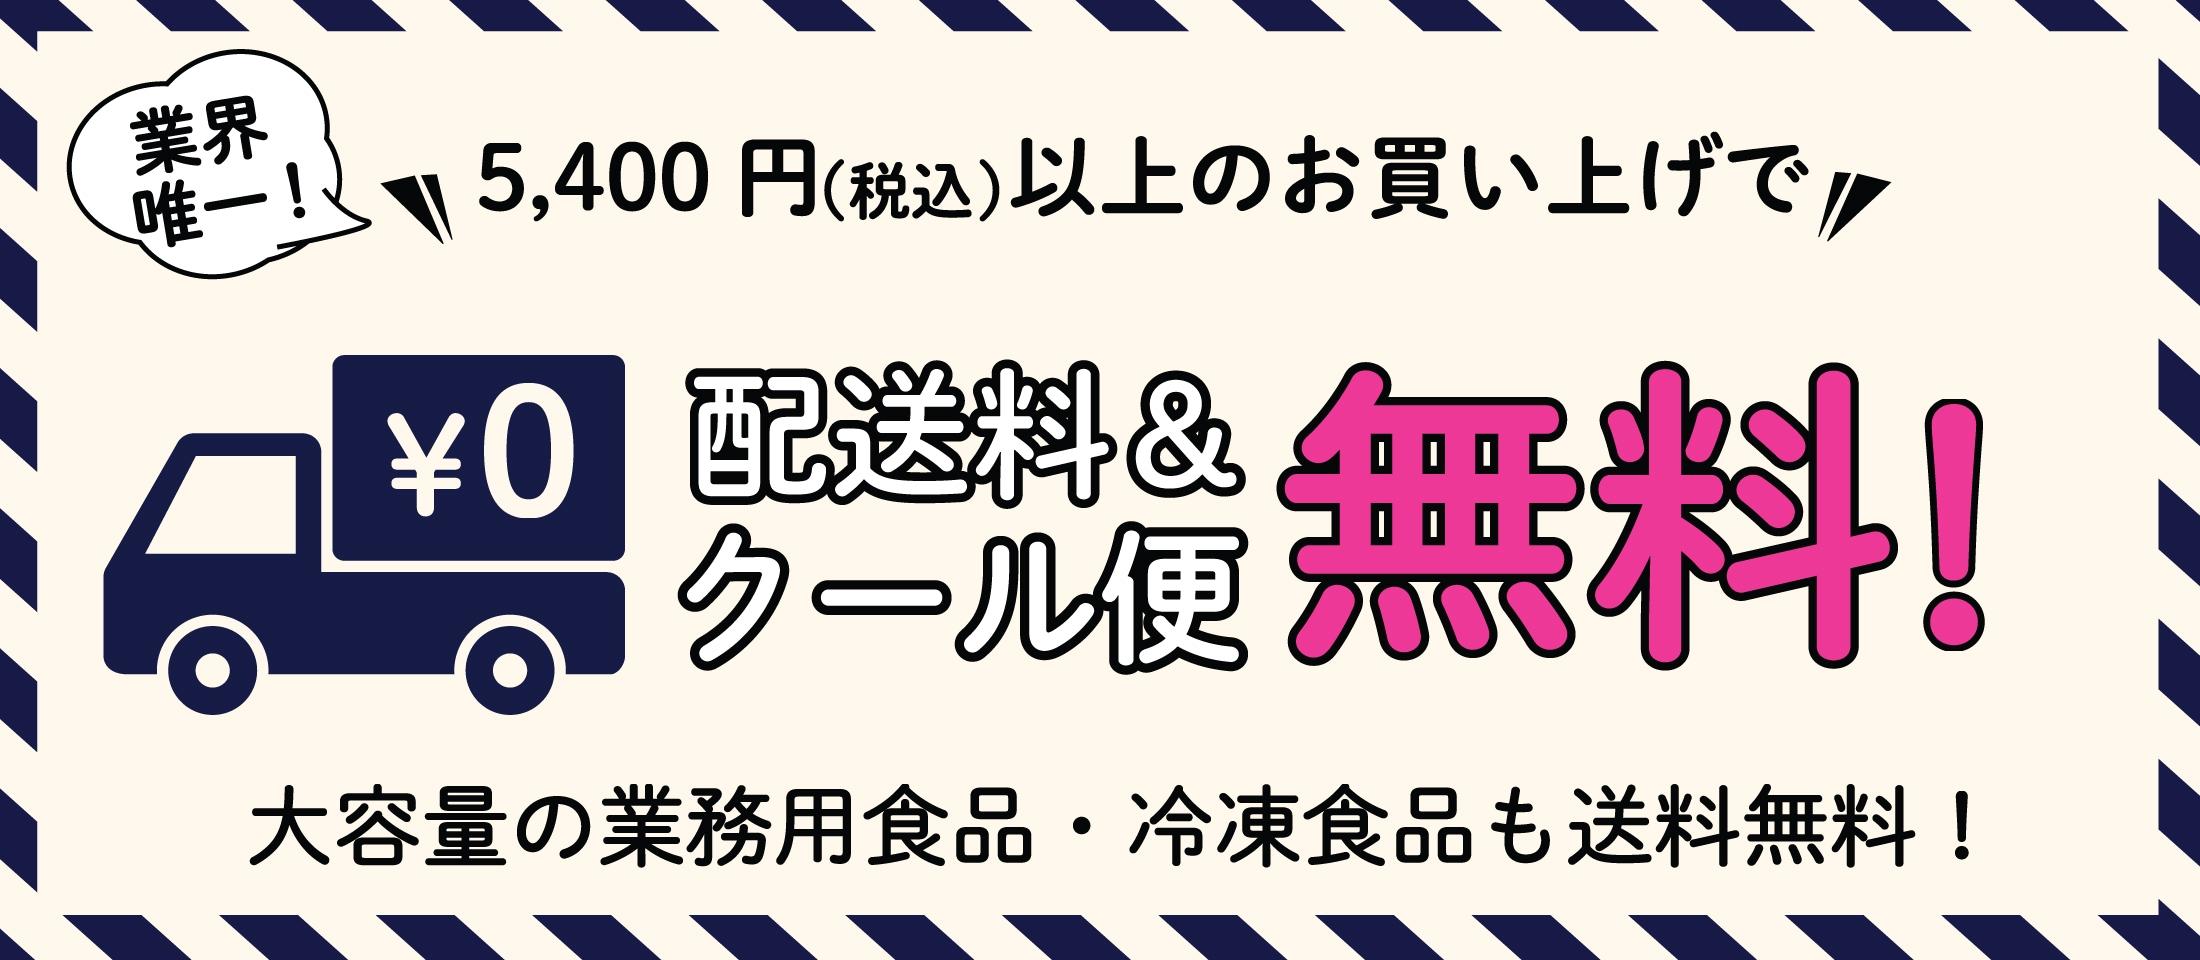 常温品・冷蔵品・冷凍品、5400円以上ご購入で送料無料 クール便無料  業務用食品・冷凍食品の通販 |ナカヤマフーズ